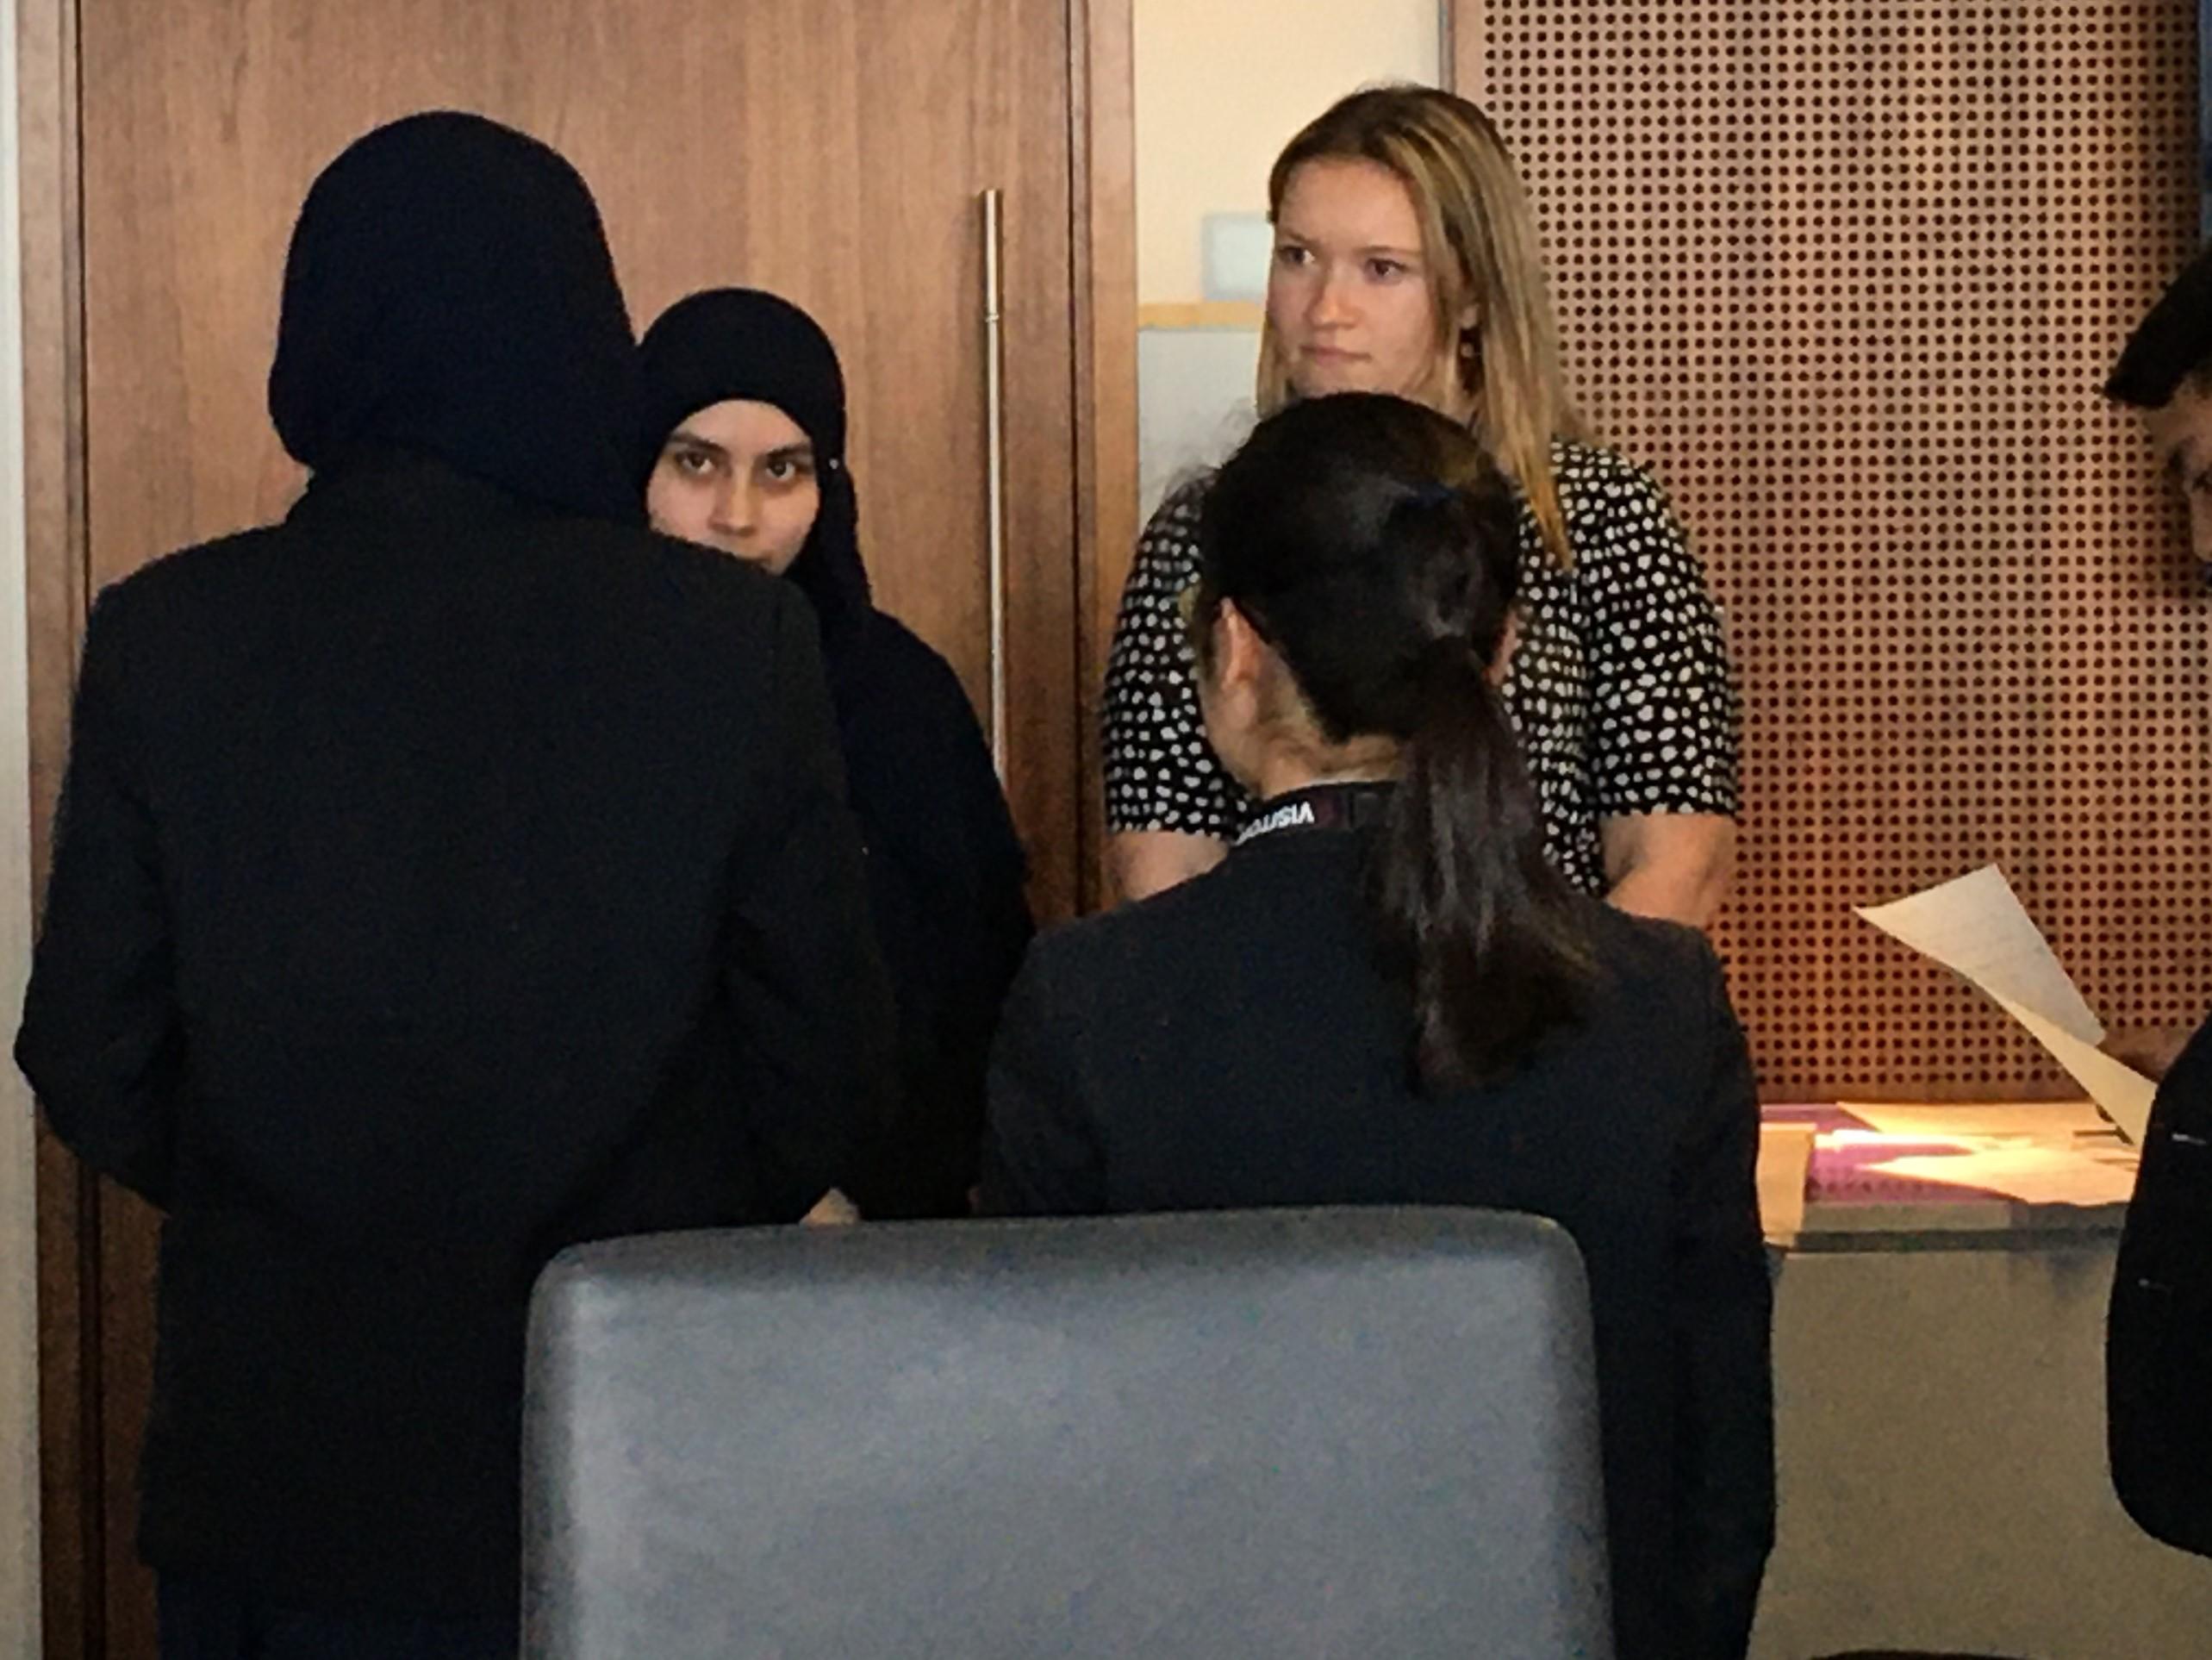 Presenting to workplace volunteers